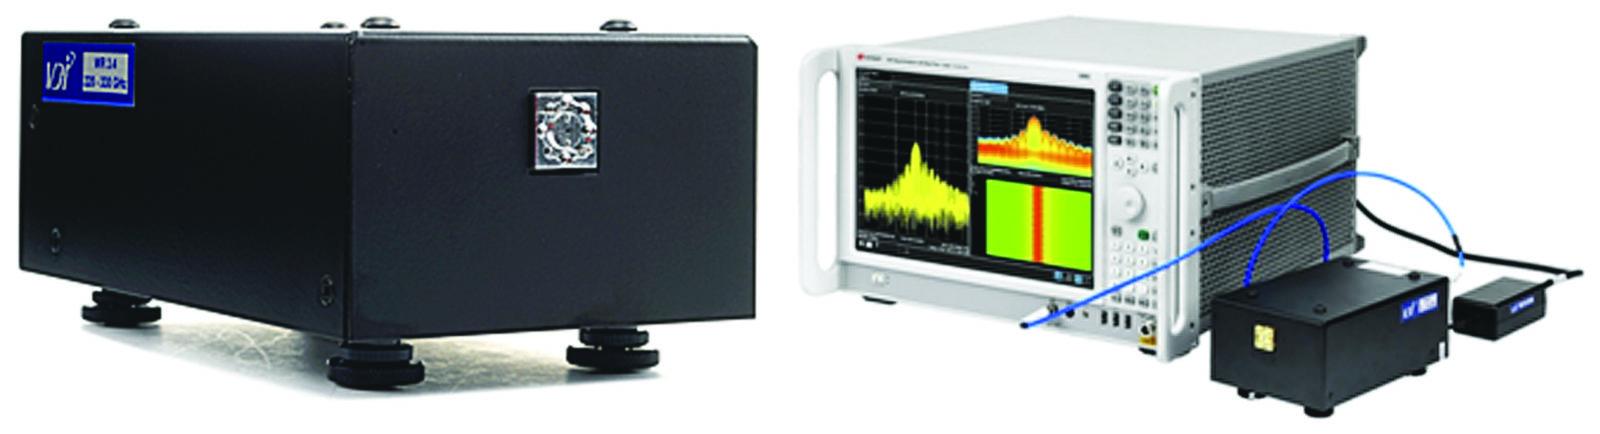 Модель расширителя частот N9029AV03 перекрывает диапазон WR3.4 220–330 ГГц